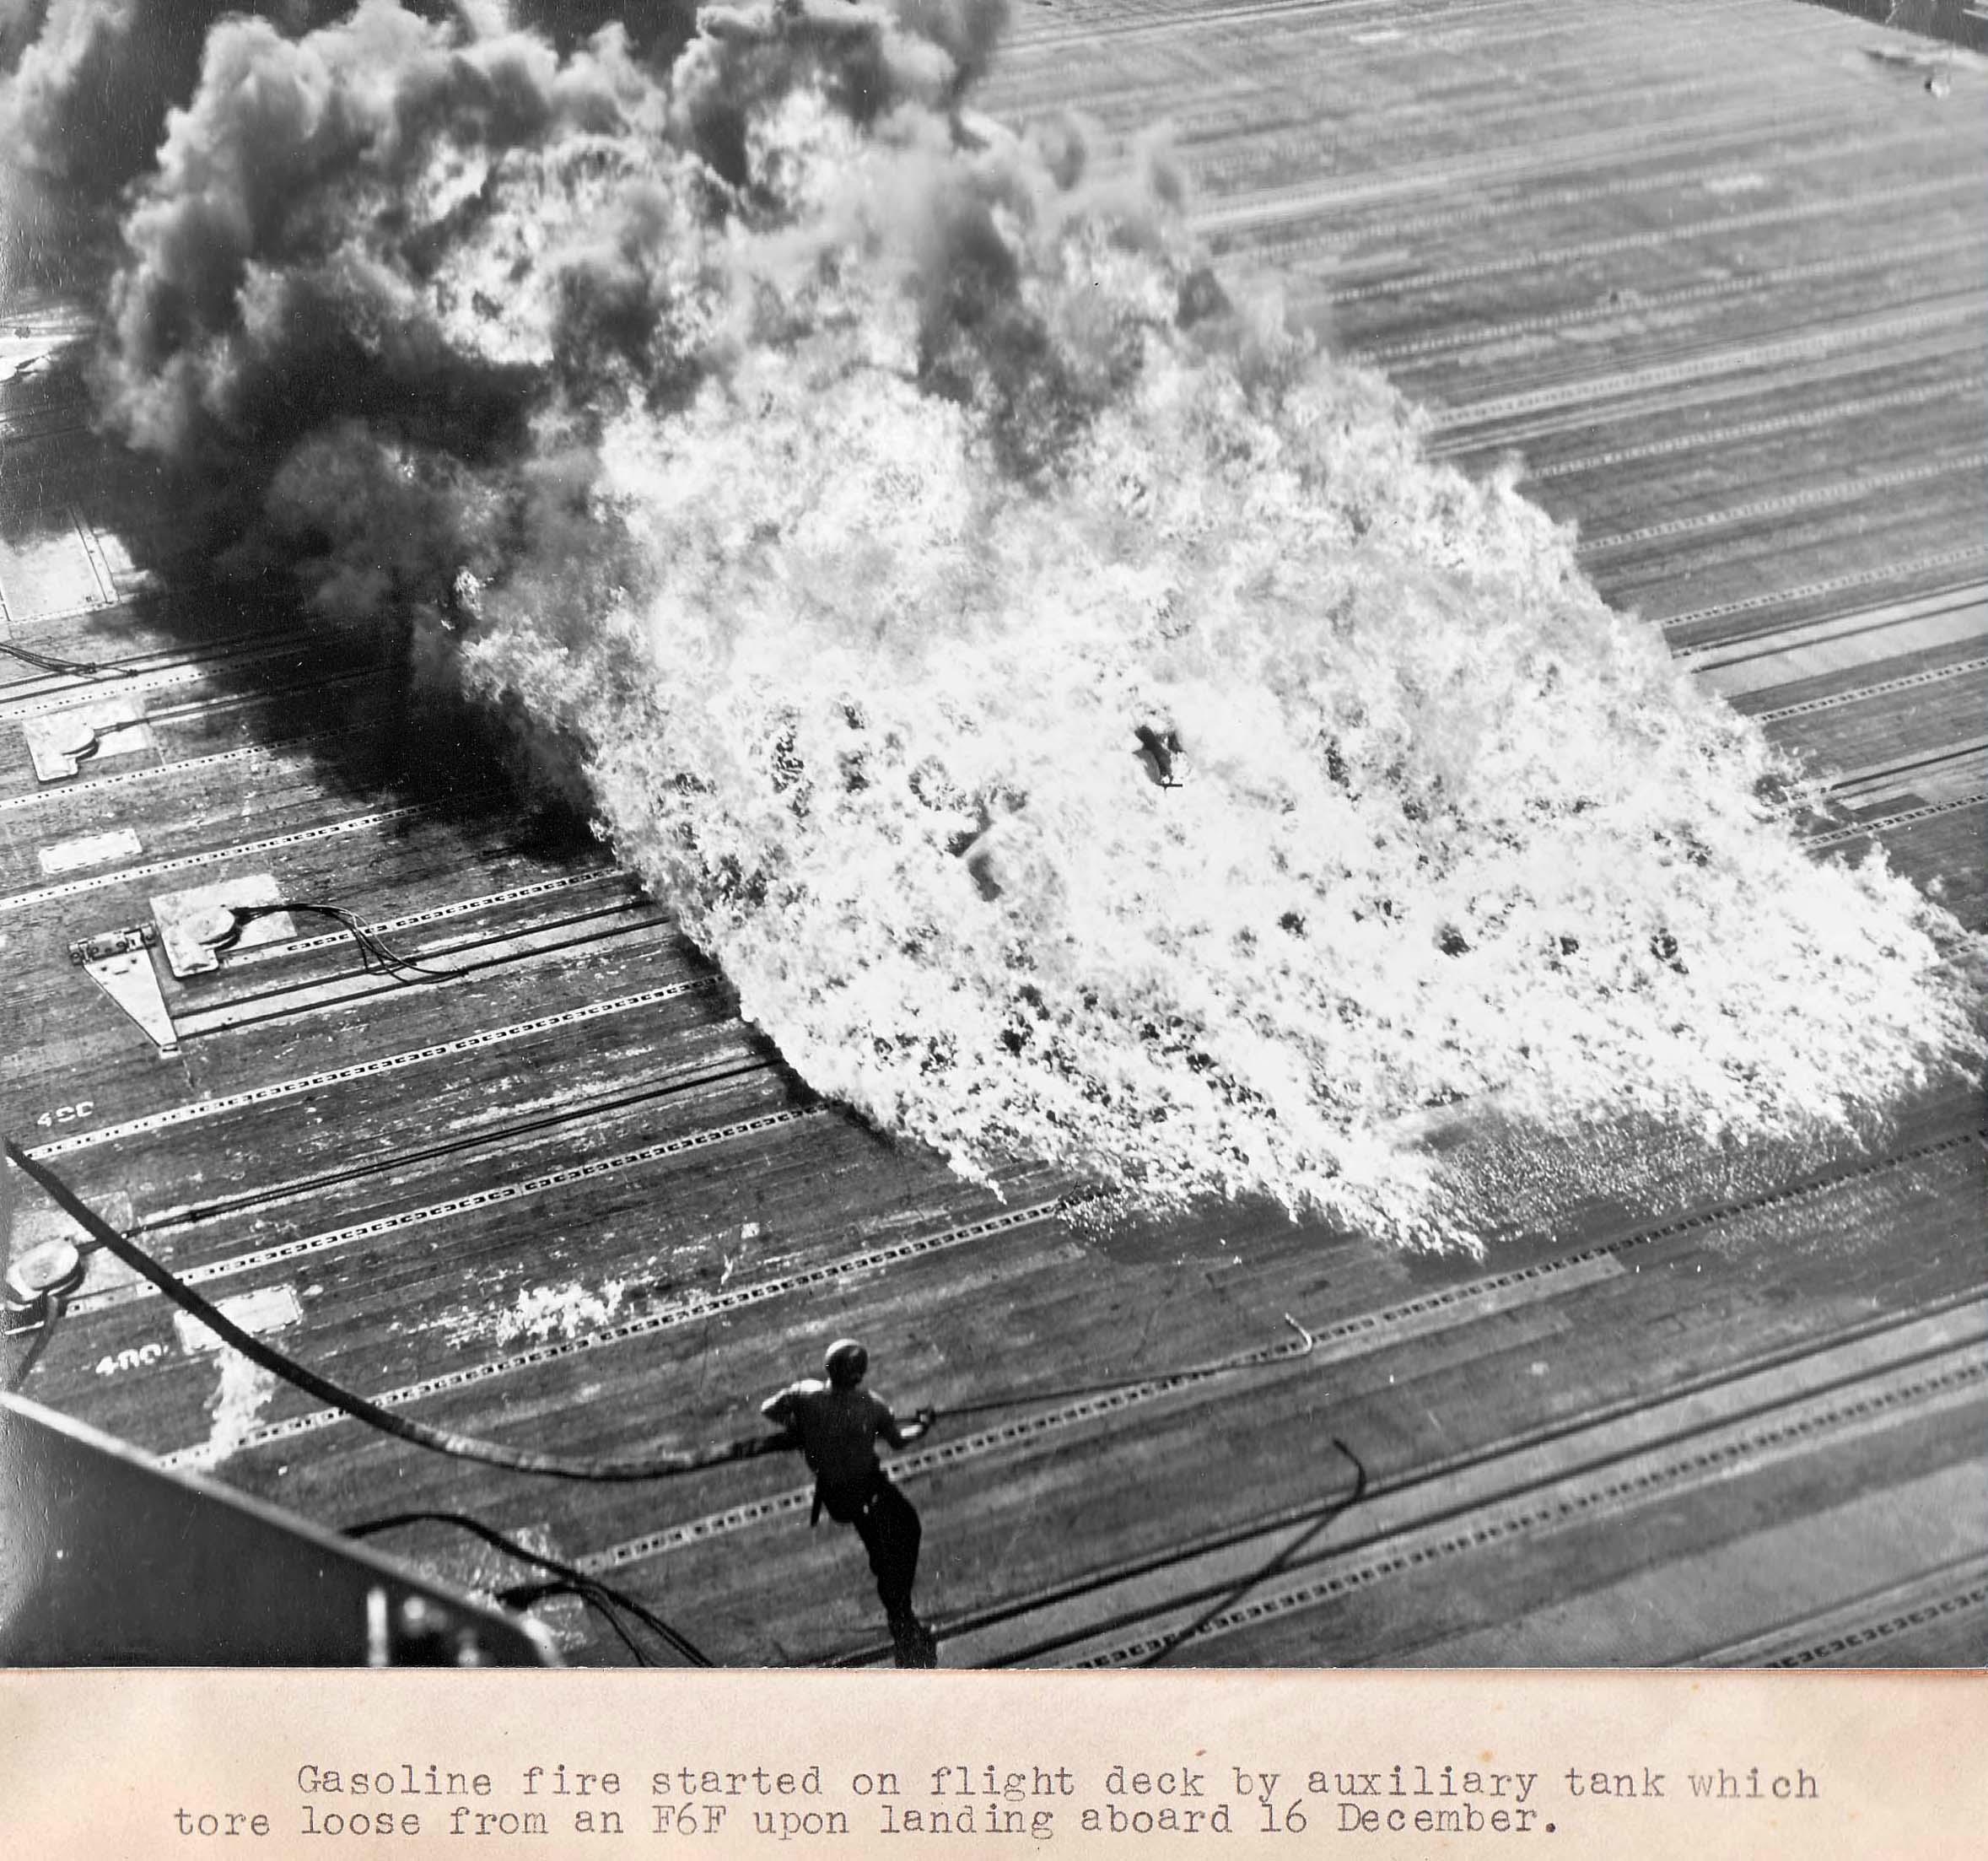 Fire engulfs the USS Essex flight deck after a Hellcats drop tank burst on landing 16 Dec 1944 03